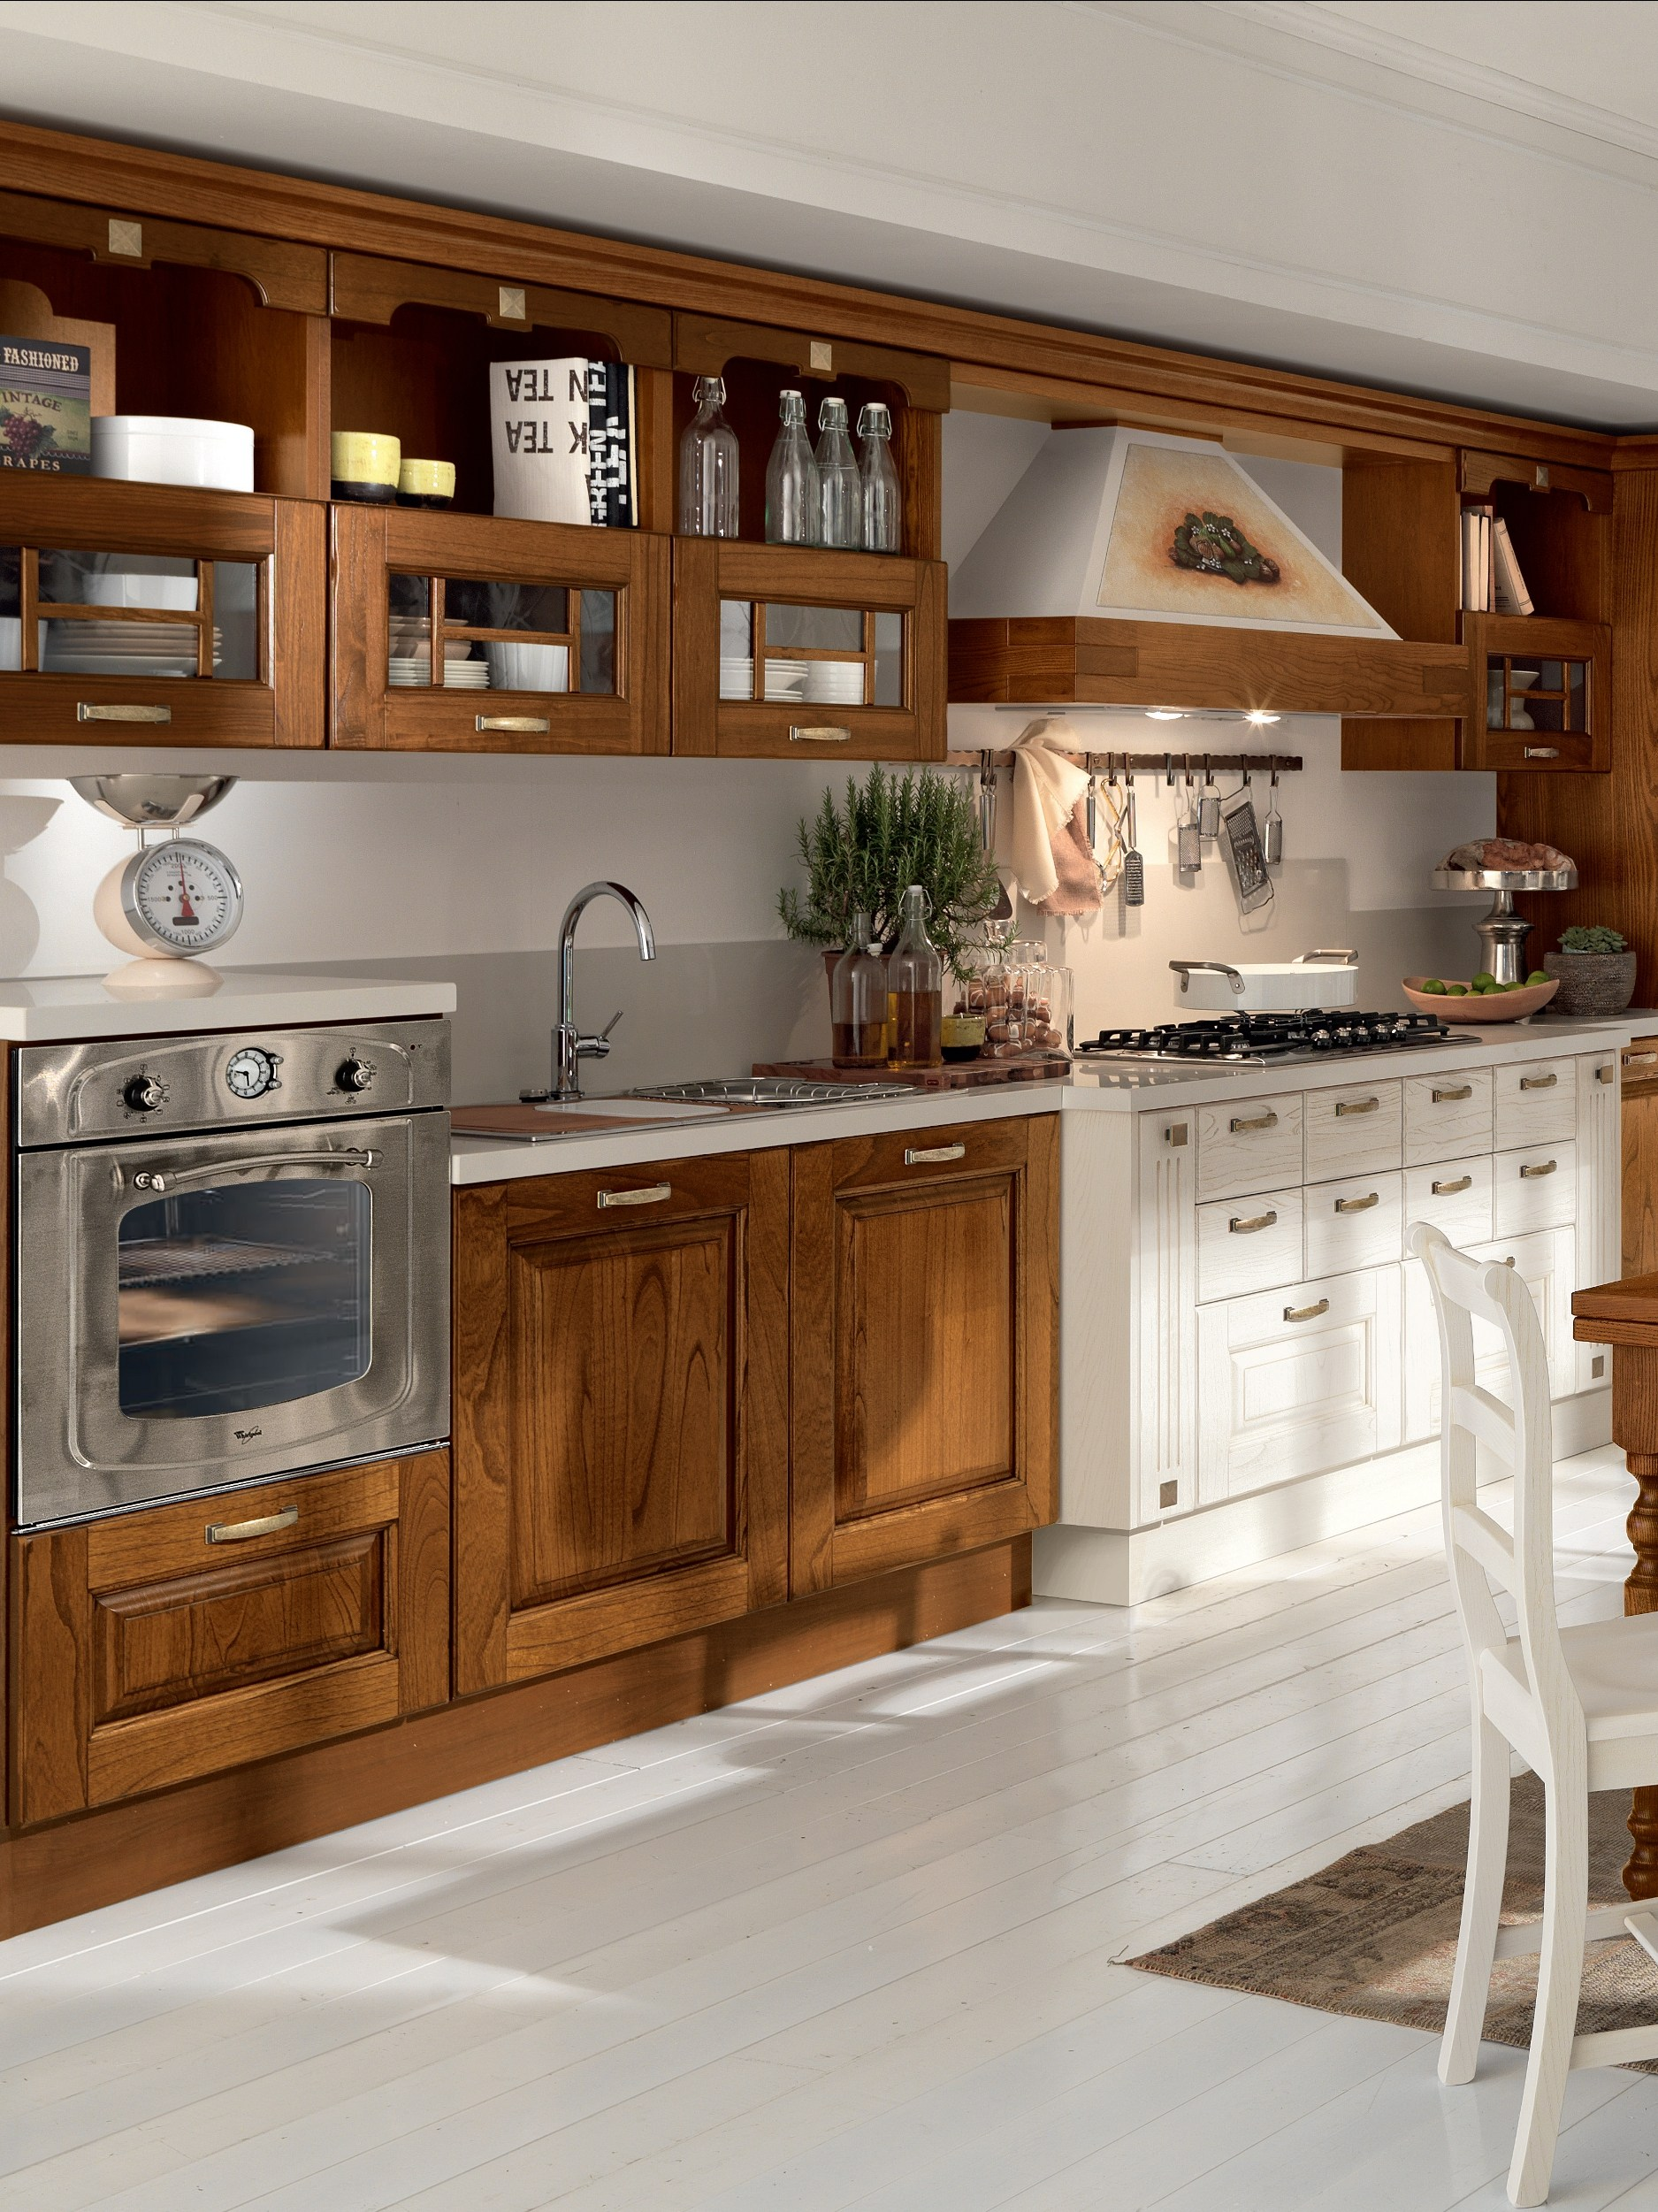 Cucina in legno con maniglie LAURA  Cucina in legno - Cucine Lube